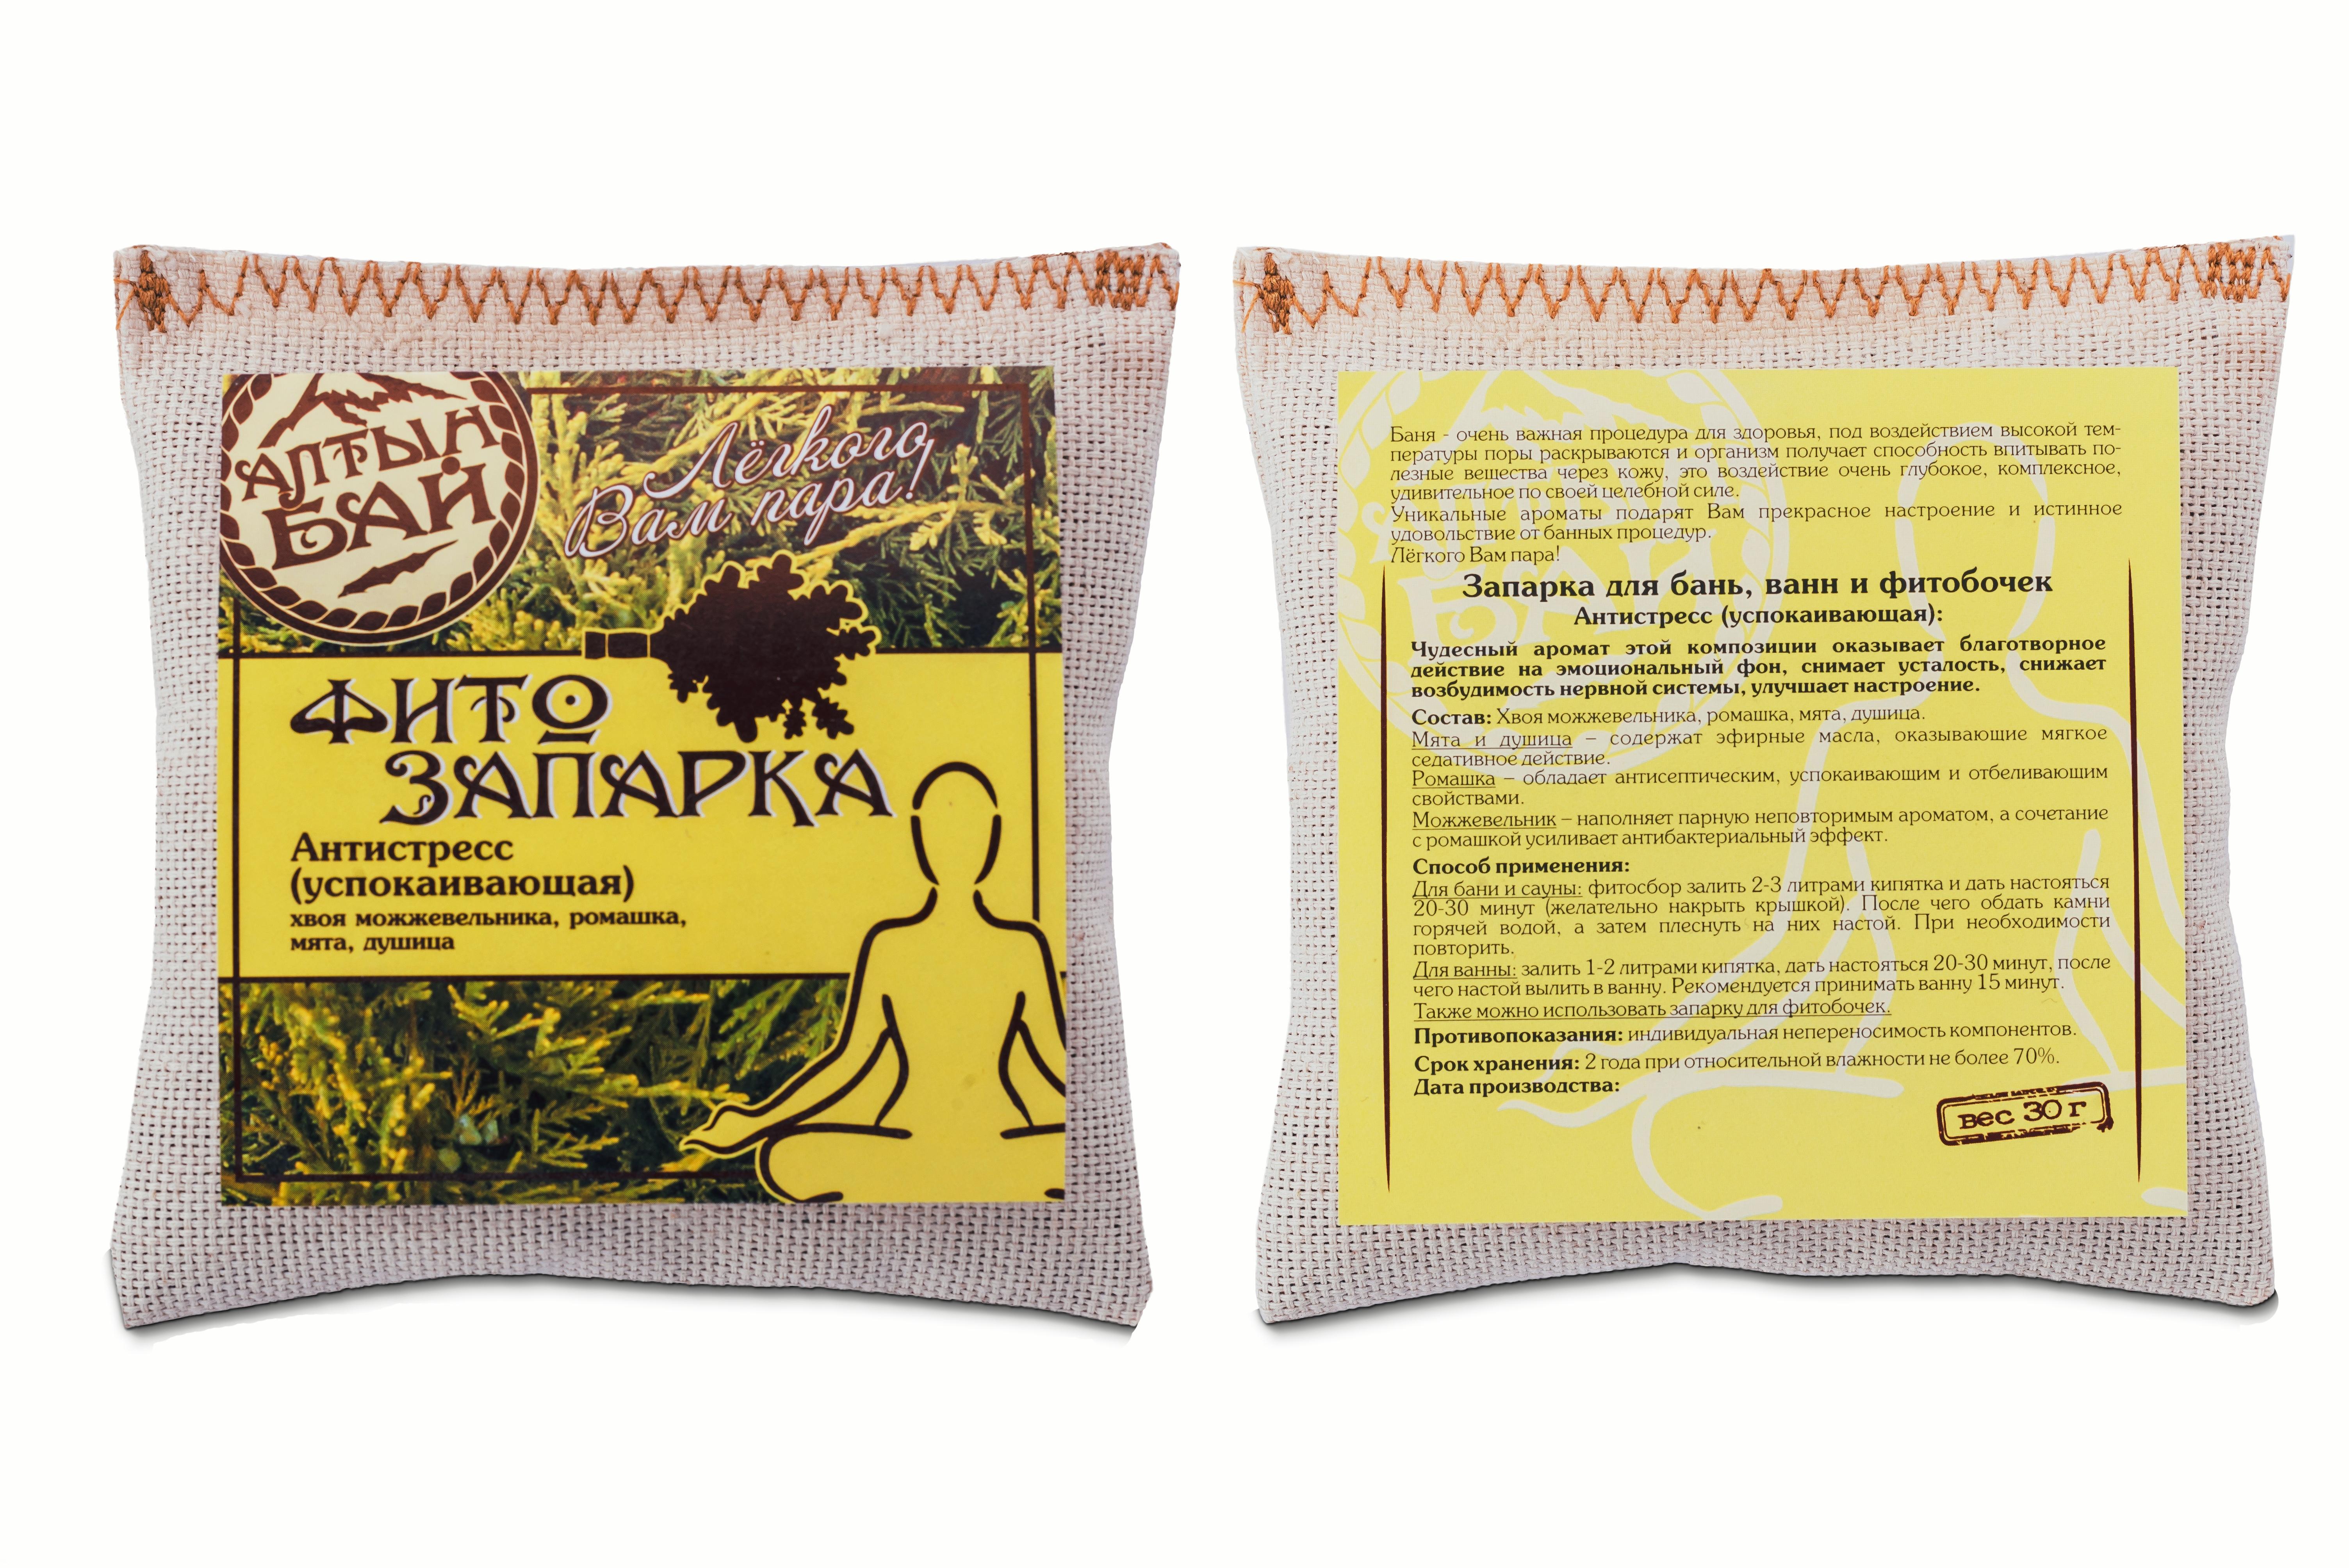 Фитозапарка для бань, ванн и фитобочек АНТИСТРЕСС (успокаивающая)